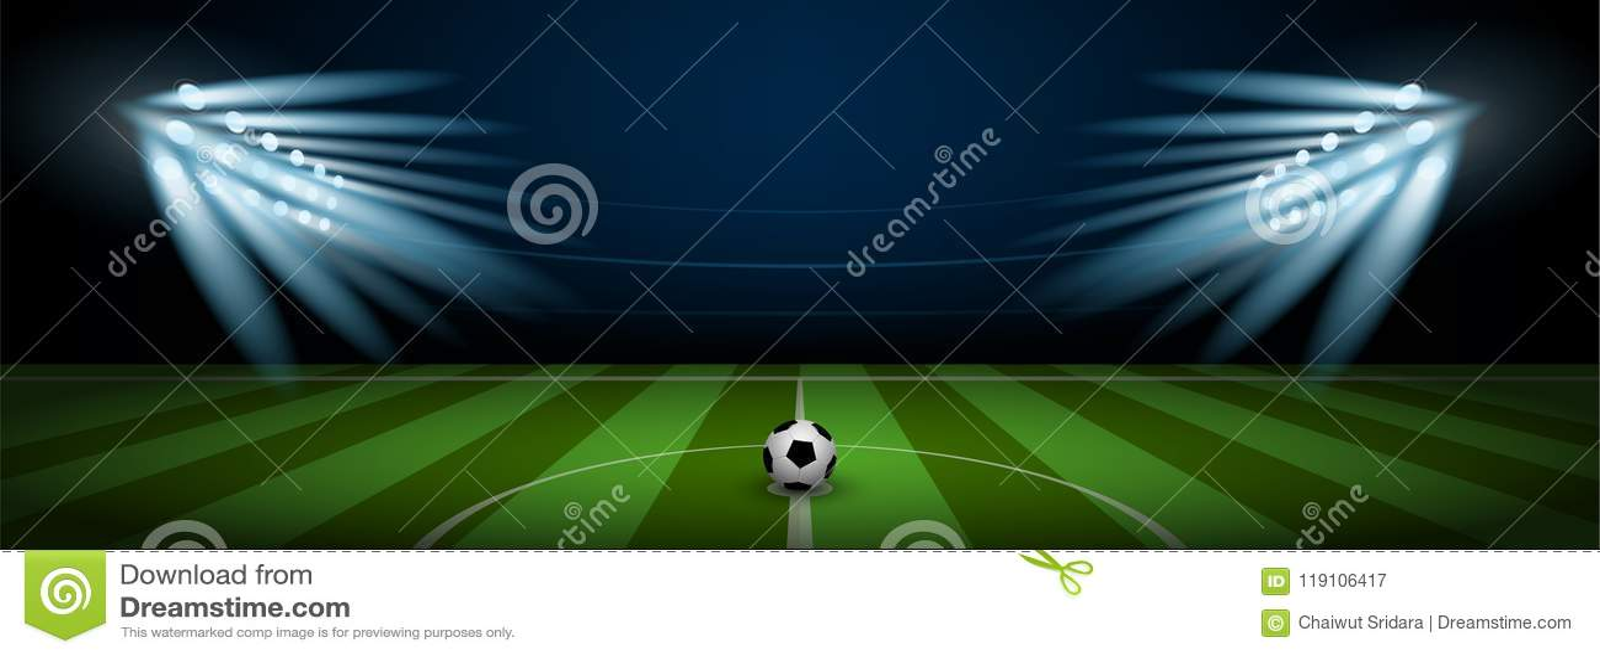 有现实橄榄球的空的橄榄球场竞技场体育场在中心和体育场聚光灯